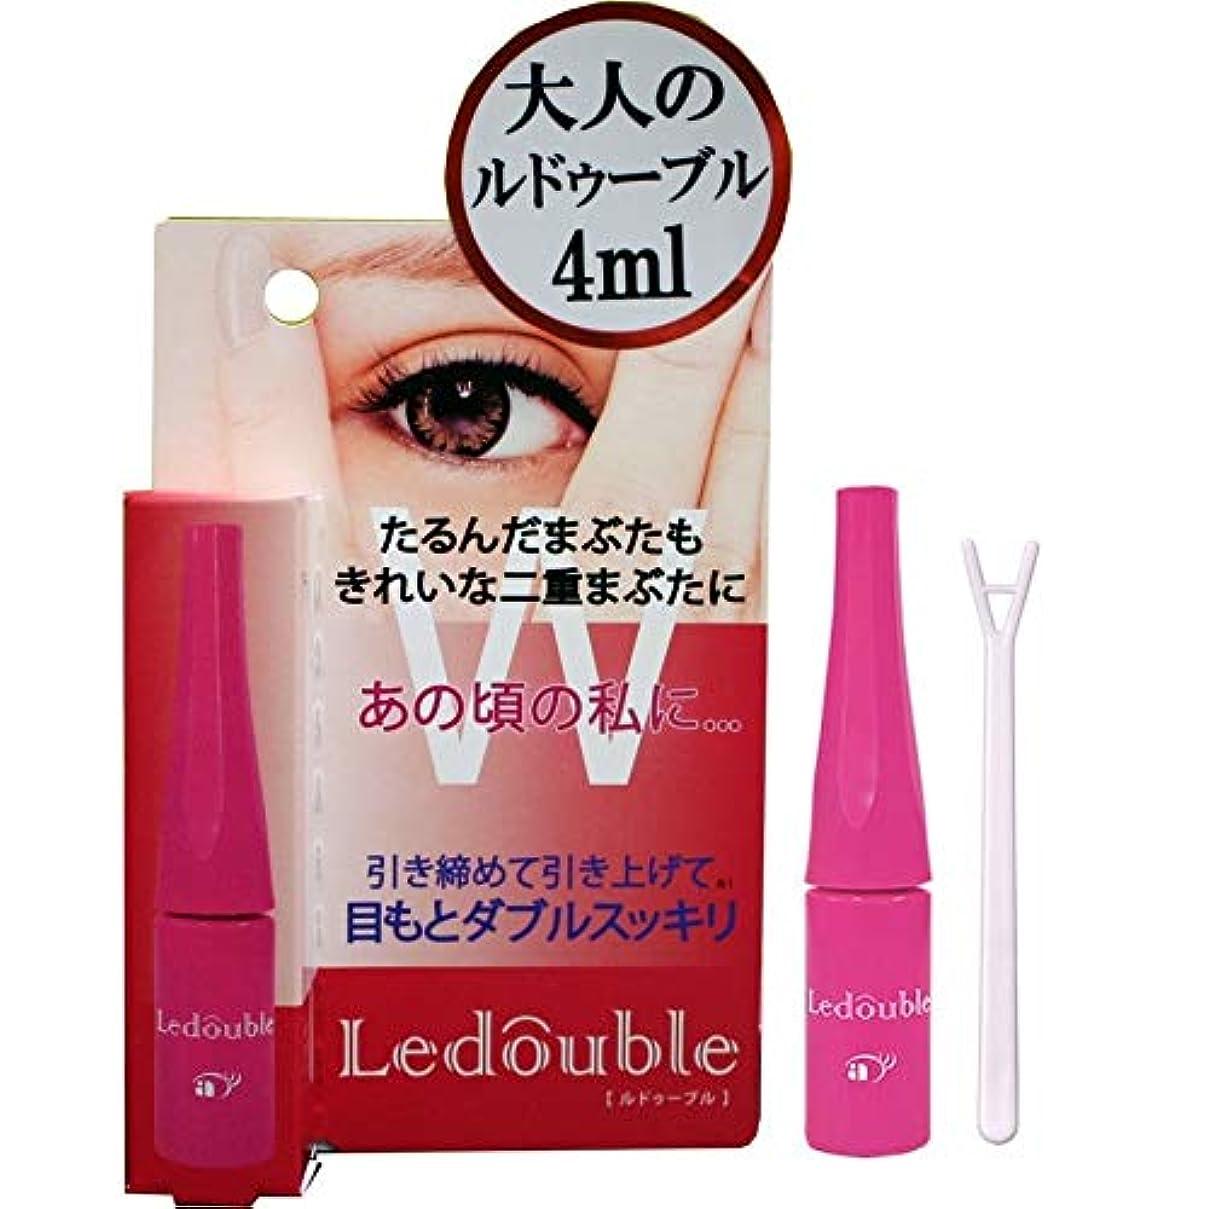 一次花輪ワゴン大人のLedouble [大人のルドゥーブル] 二重まぶた化粧品 (4mL)